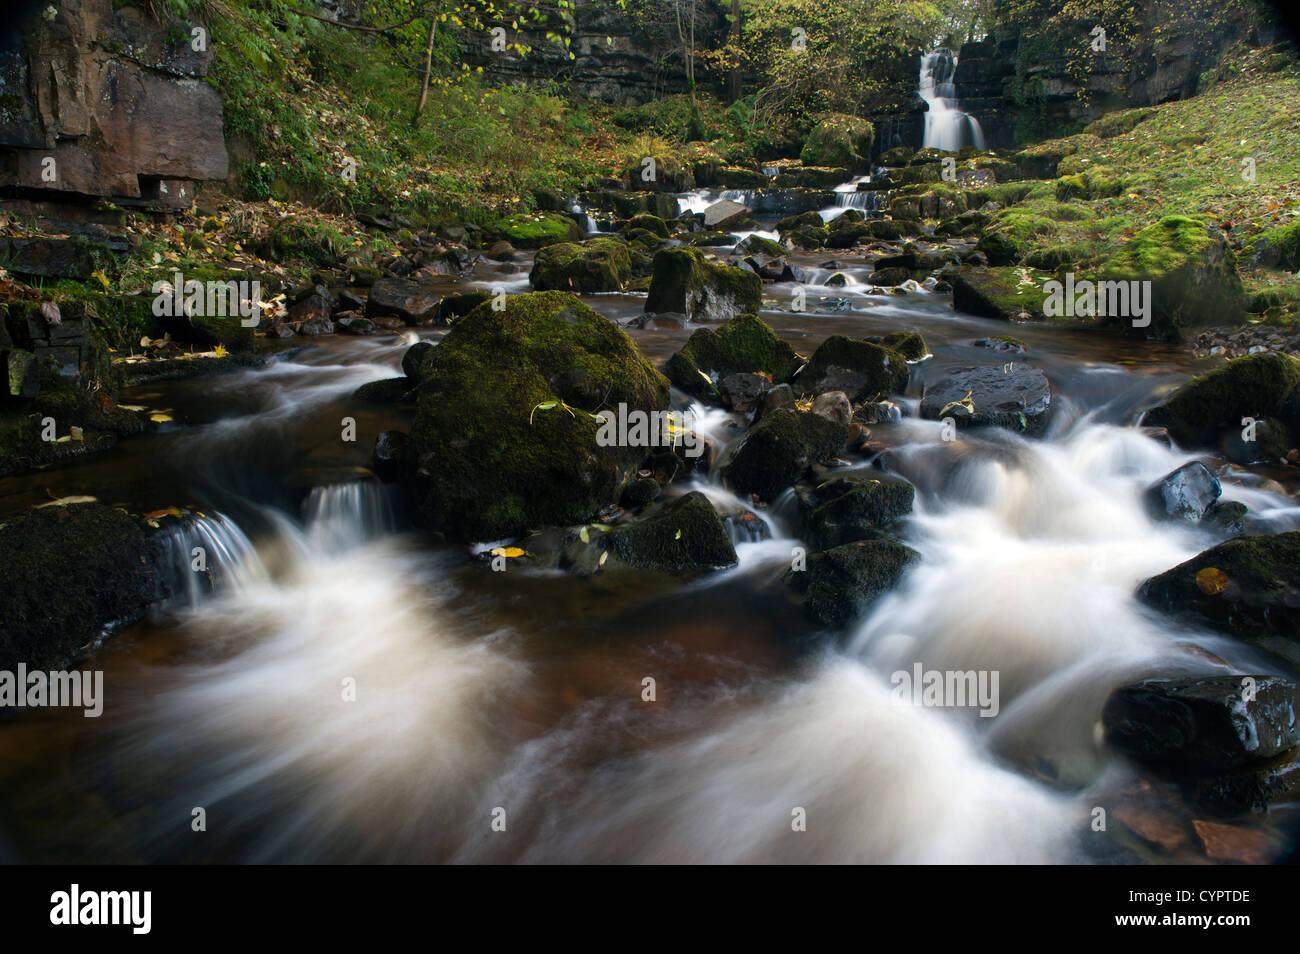 Cascades le long de la maison Scarr B6270 dans Swaledale entre Thwaite et Muker. Banque D'Images